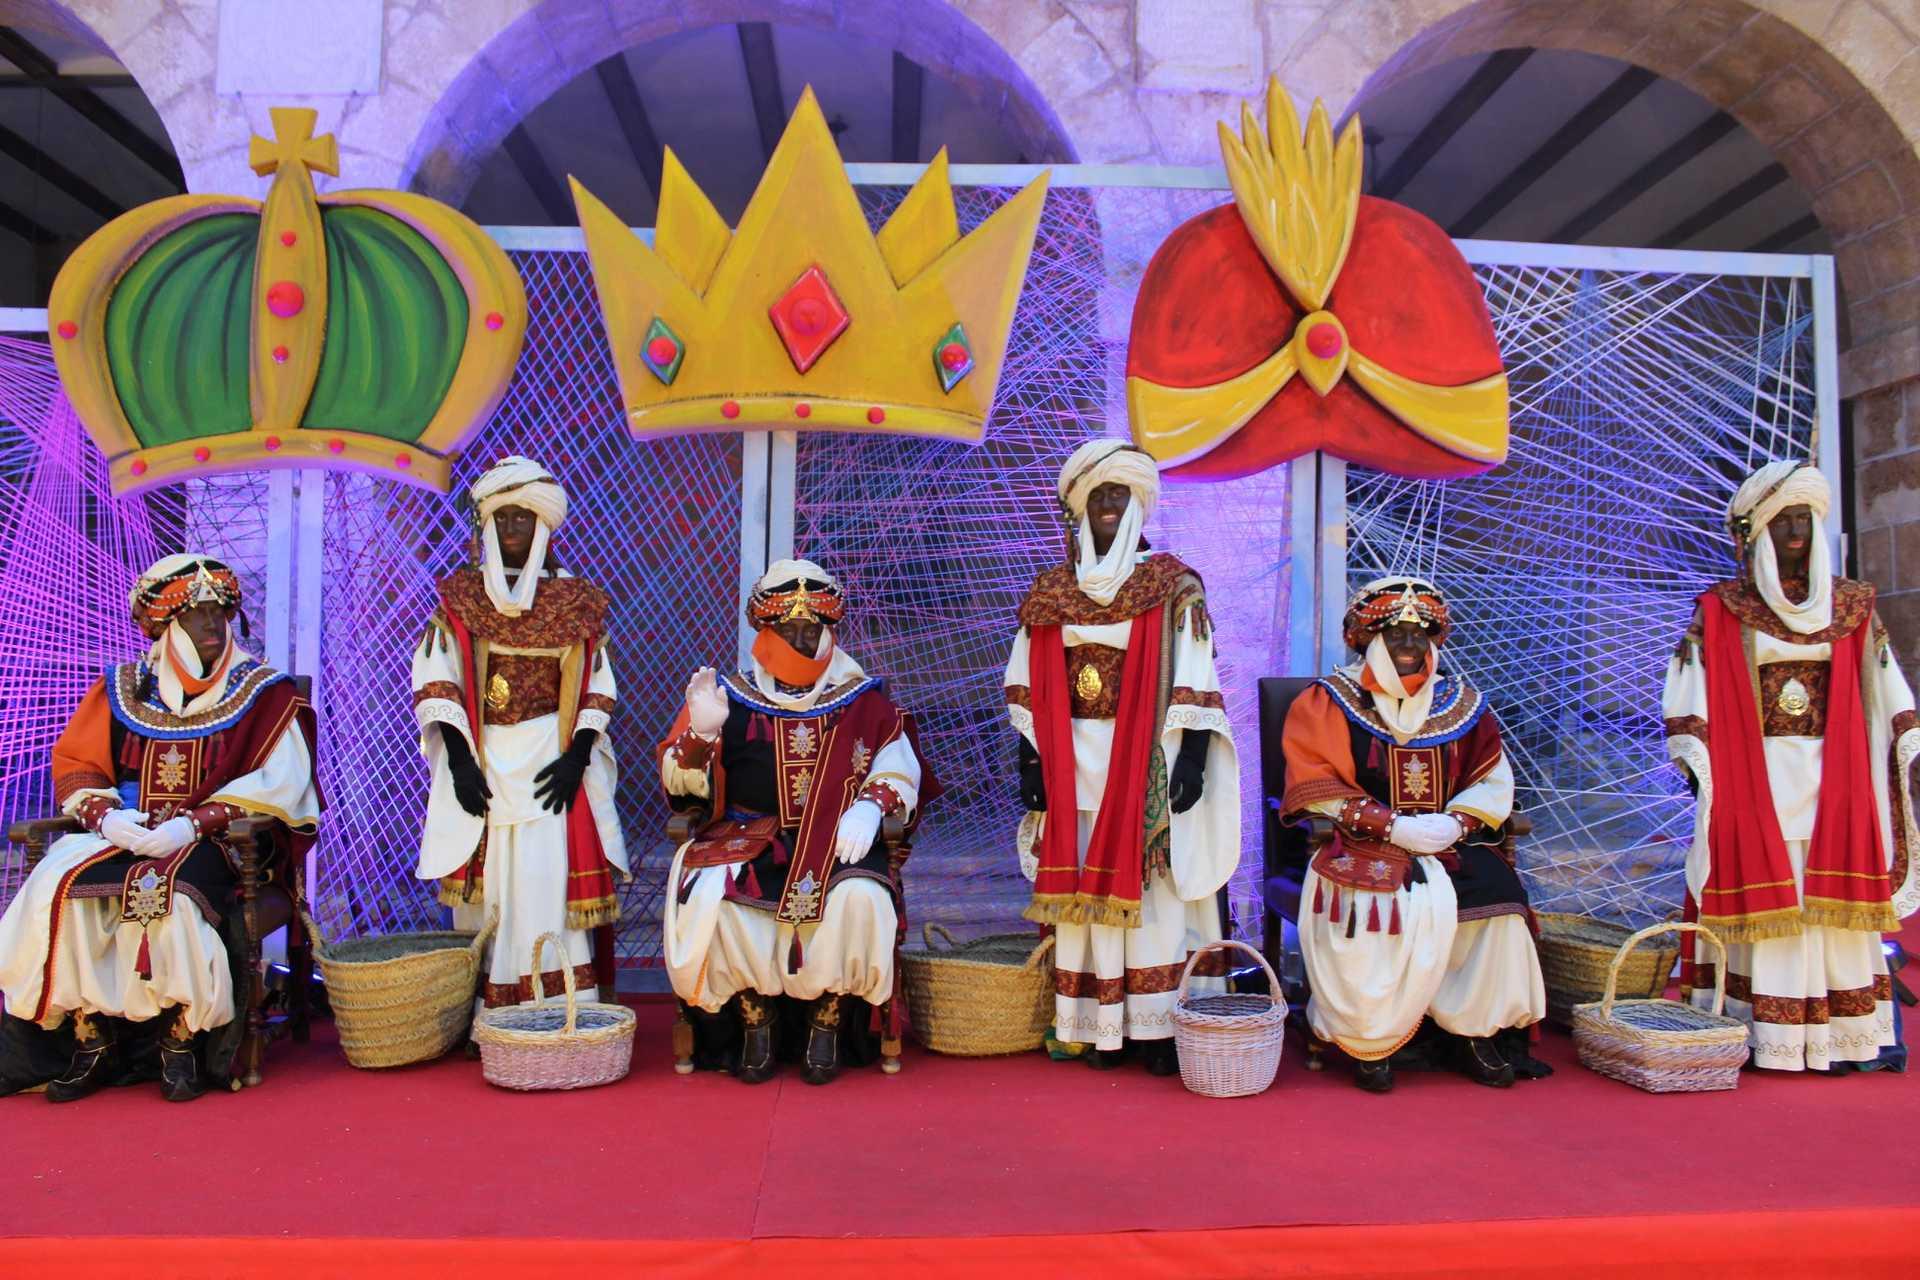 Festivitat de Reis